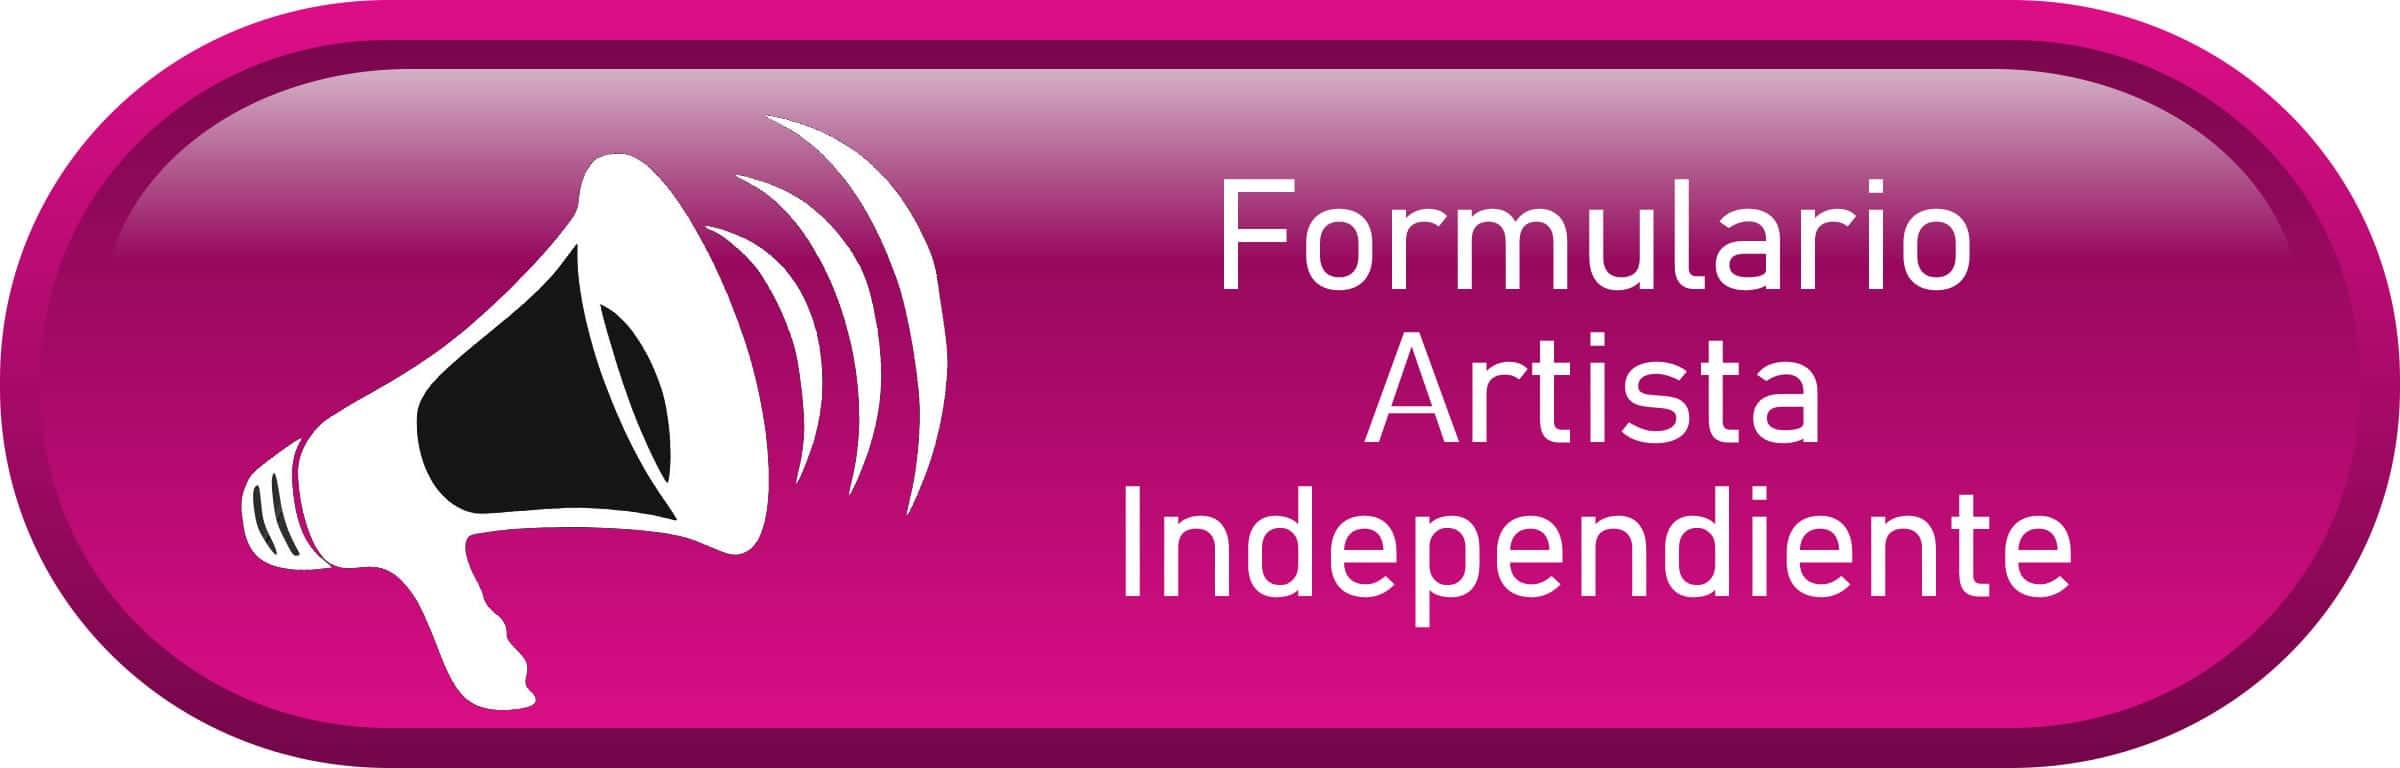 Formulario Artista Independiente - Pontik Radio